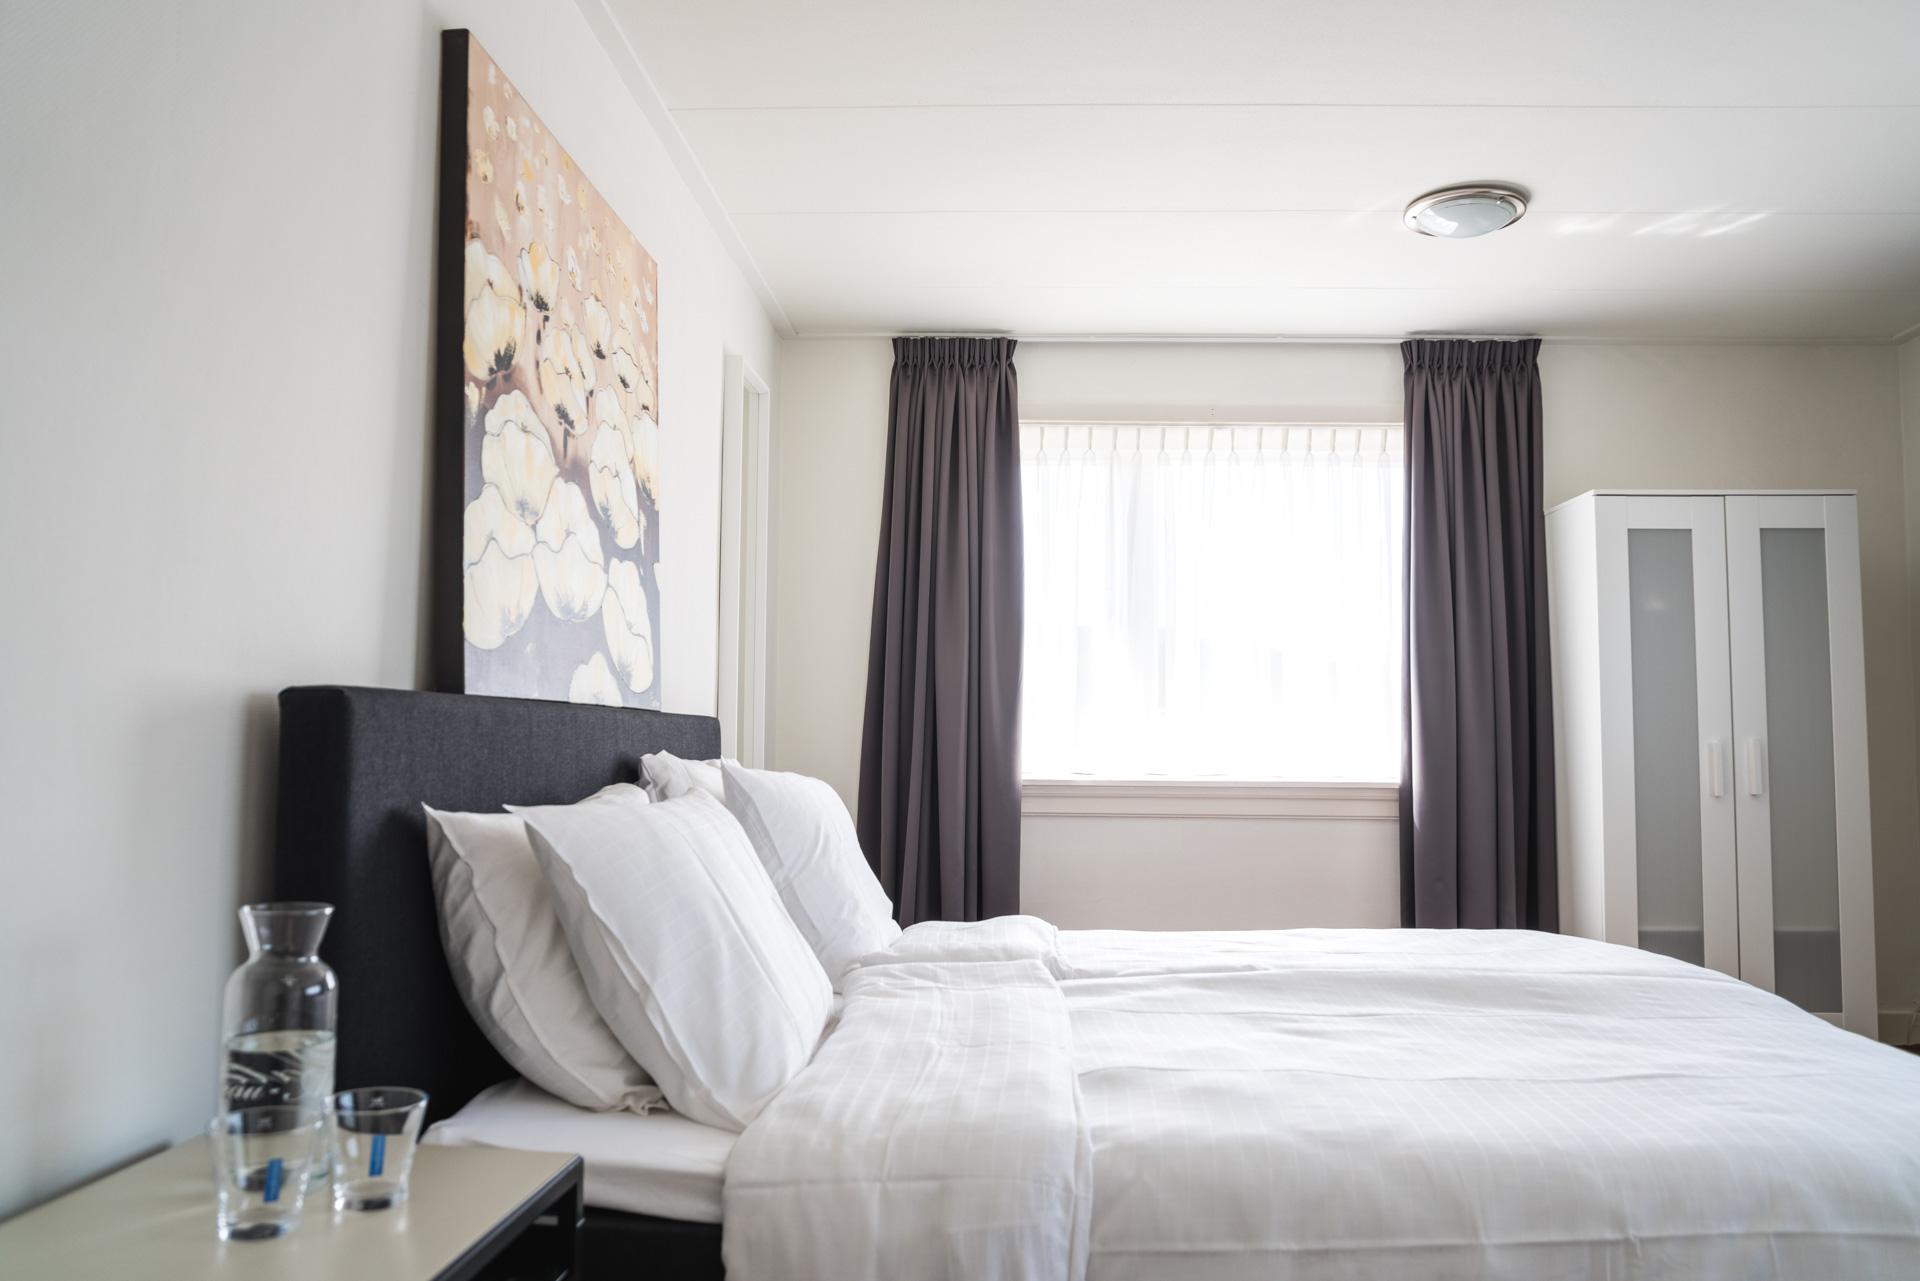 Hotel-bar-food-Marcant-tubbergen-slaapkamer